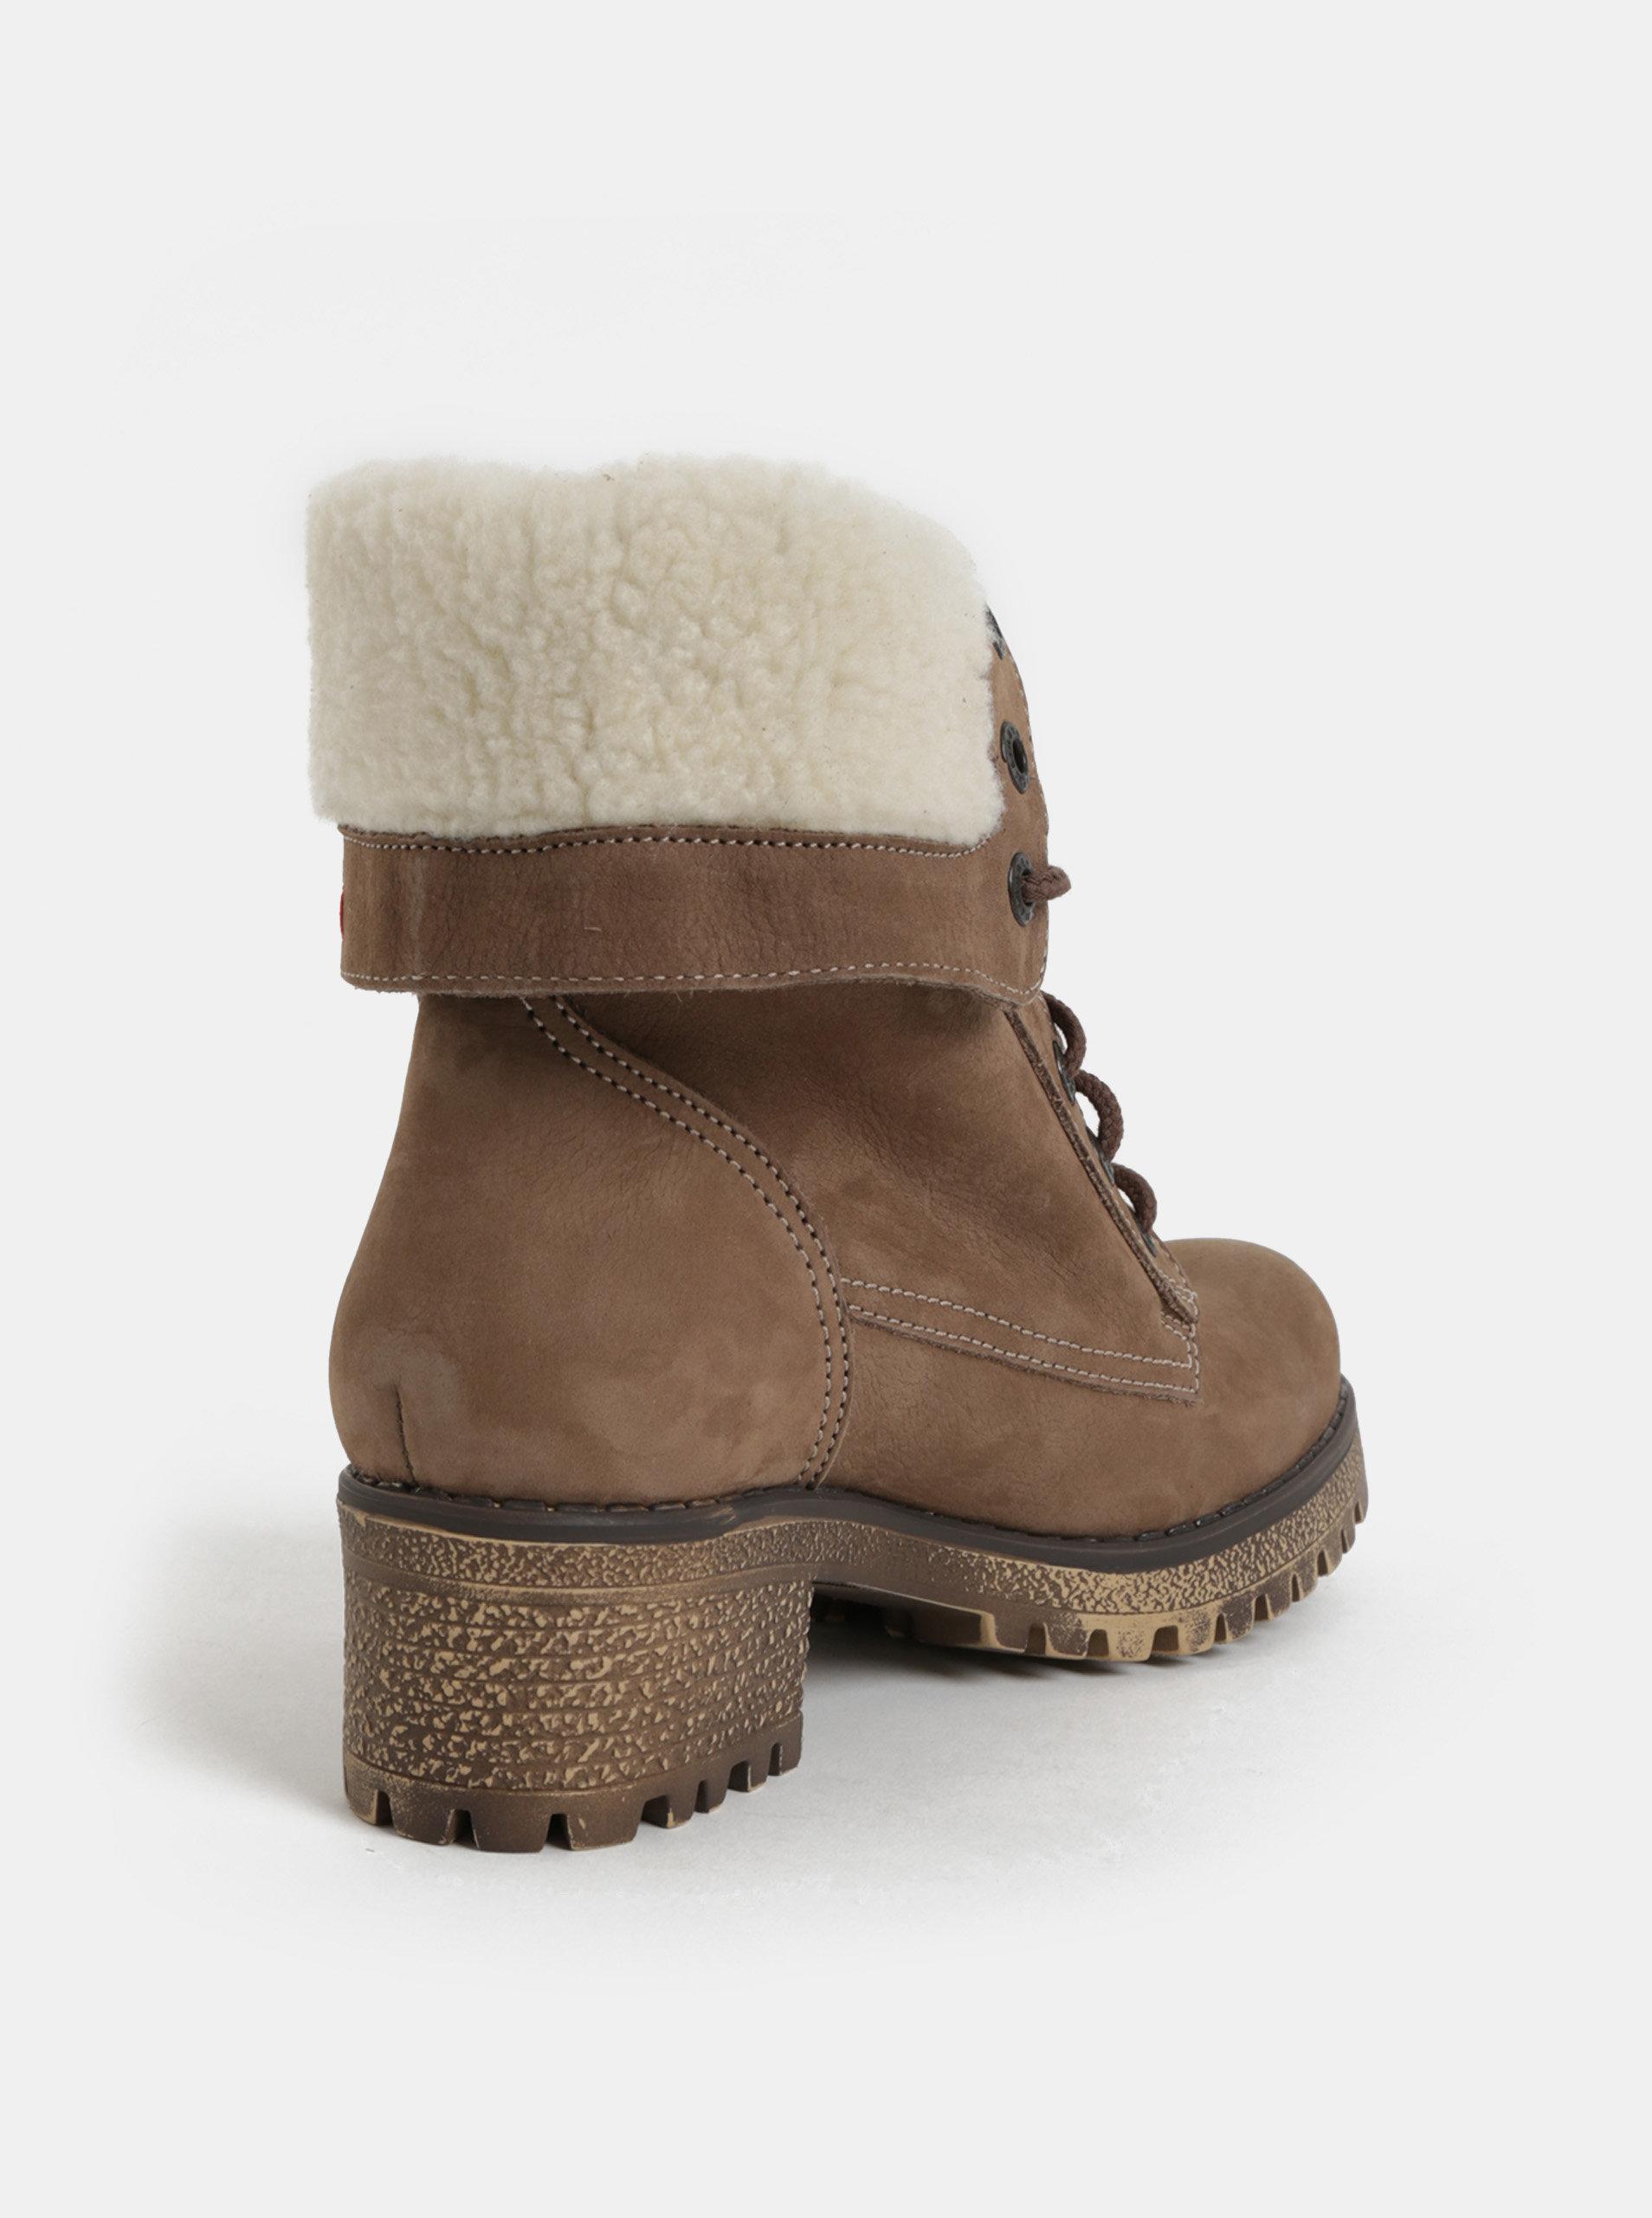 8ad4838929 Hnedé dámske kožené členkové zimné topánky na podpätku Weinbrenner ...